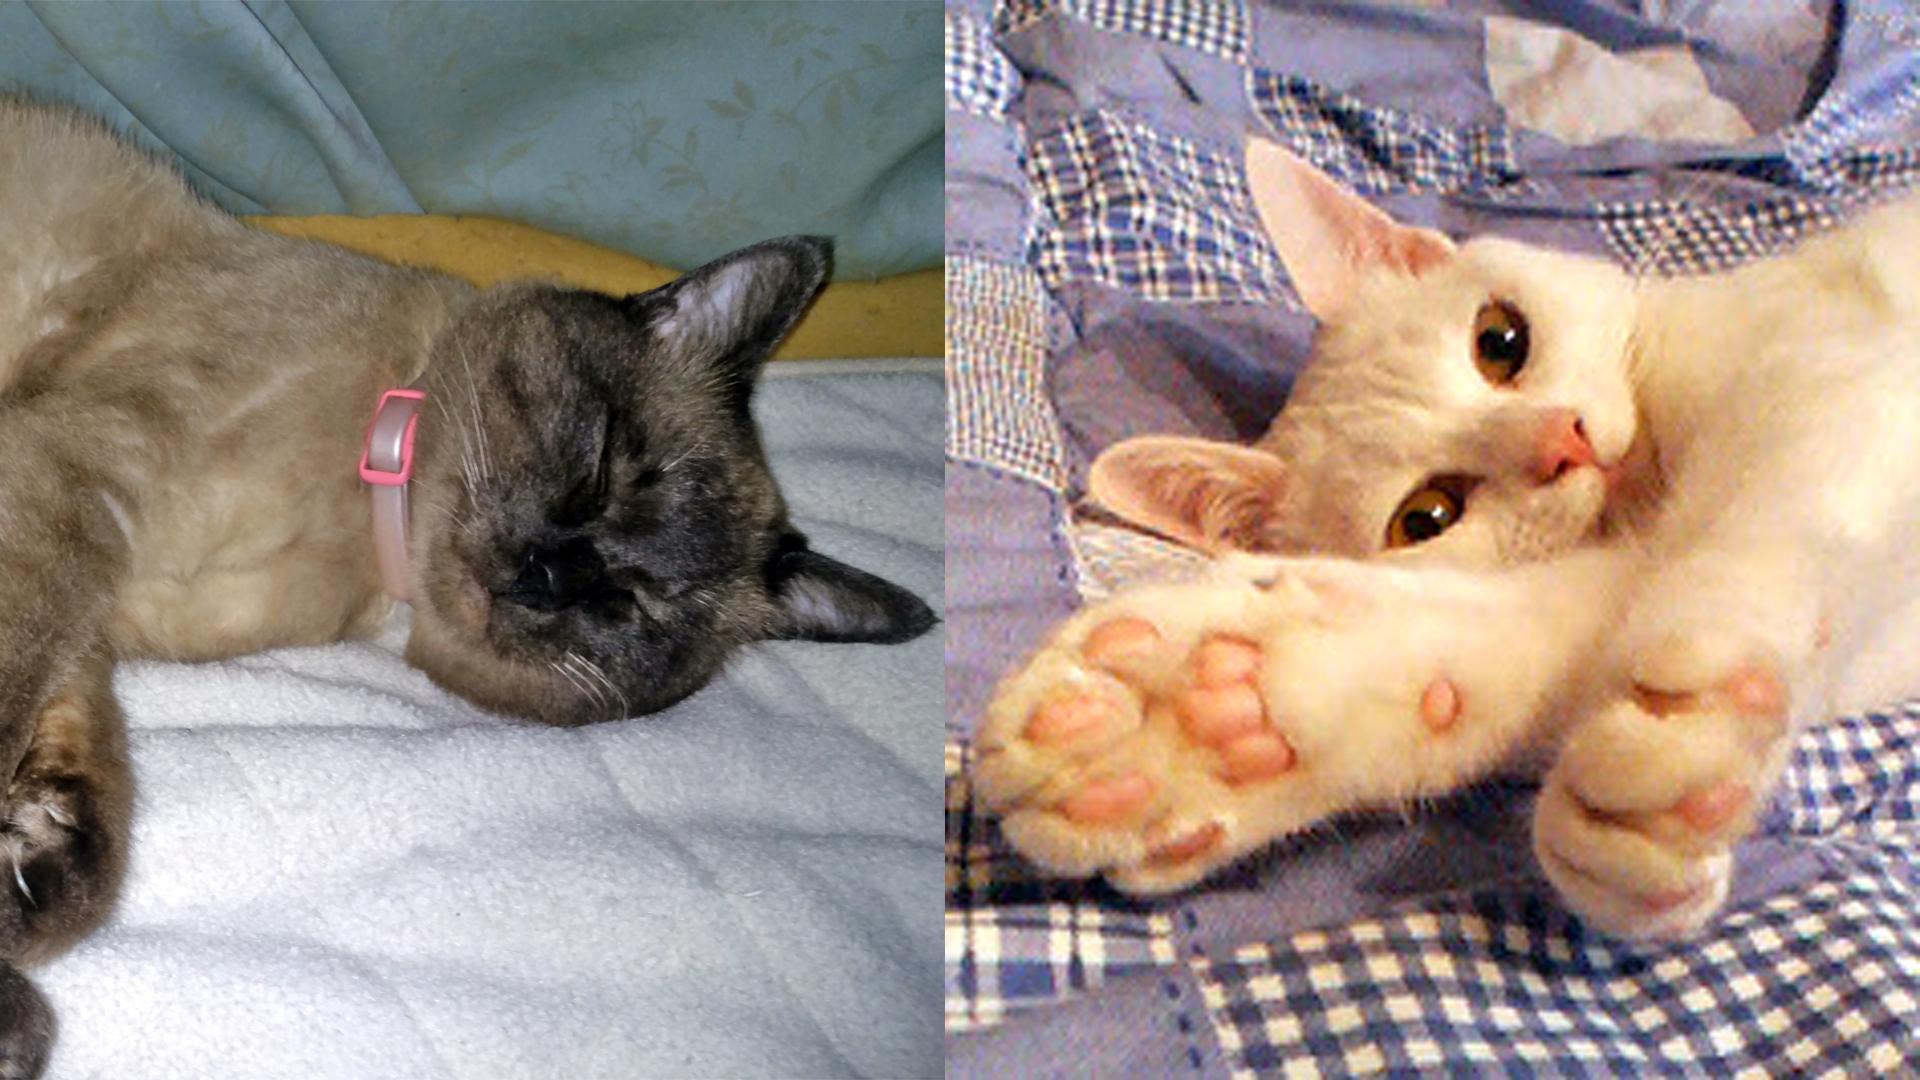 【映画『旅猫リポート』レビュー】福士蒼汰主演!動物を通して家族愛を再確認できる作品